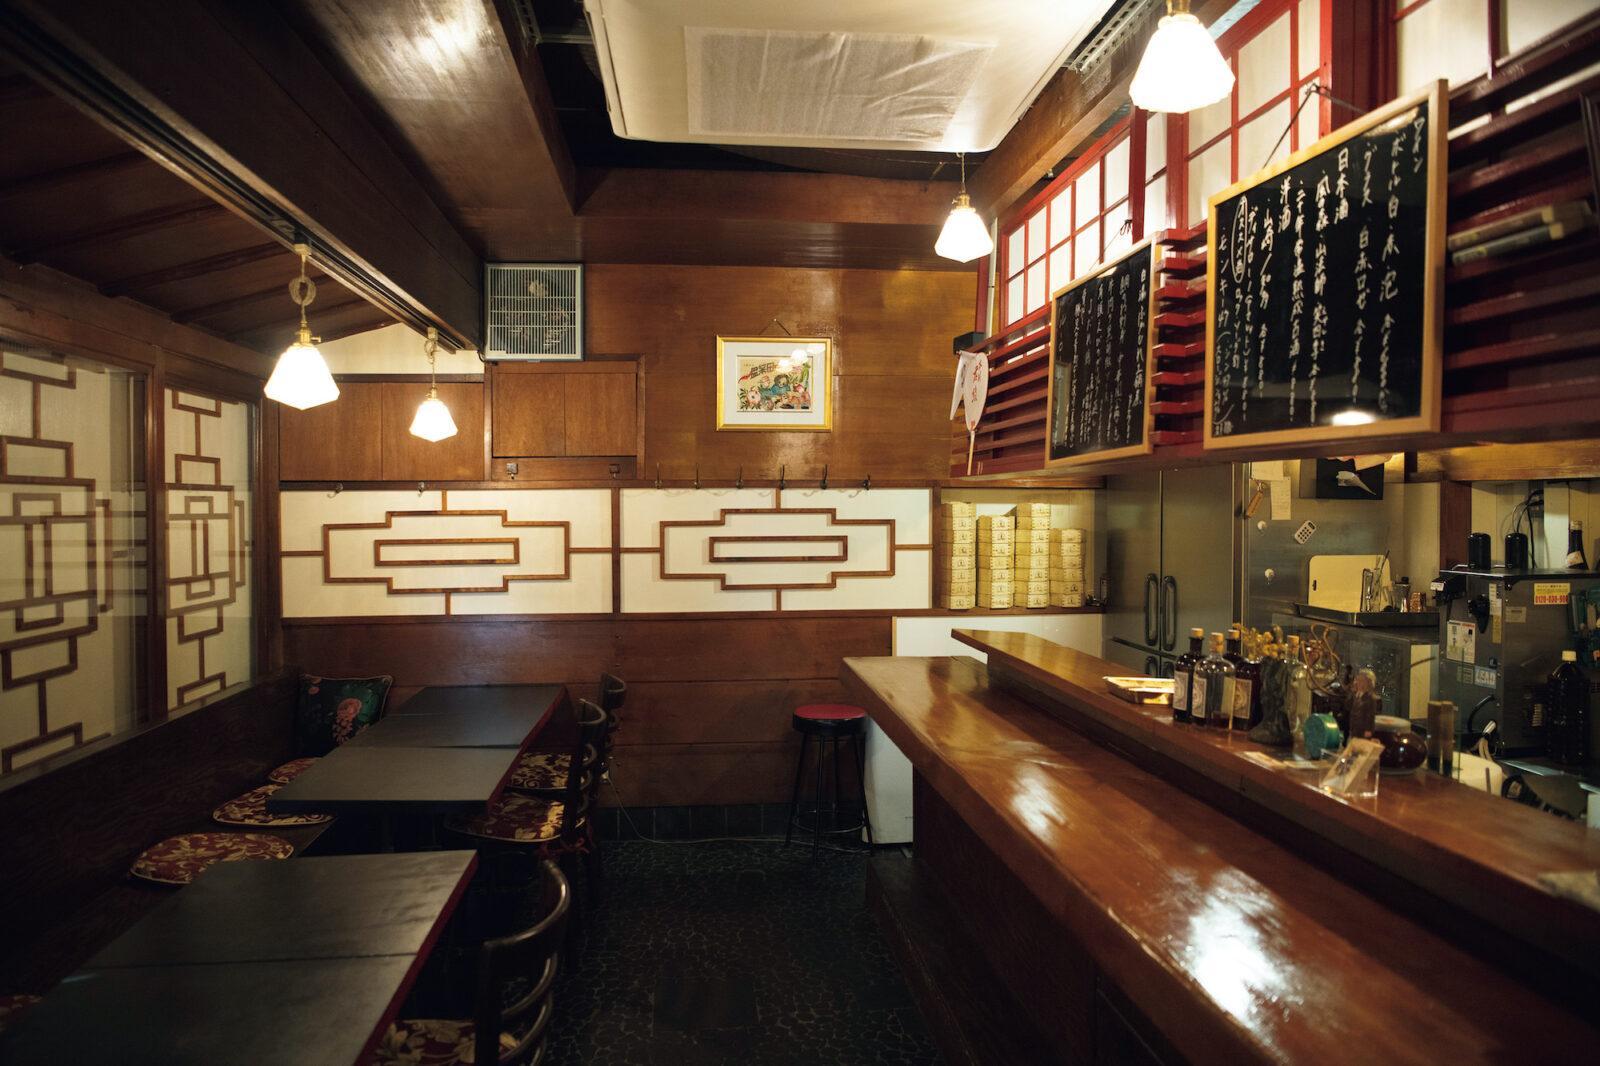 路地裏にある隠れ家のような薄暗い店内で、広東系中華を中心に提供。